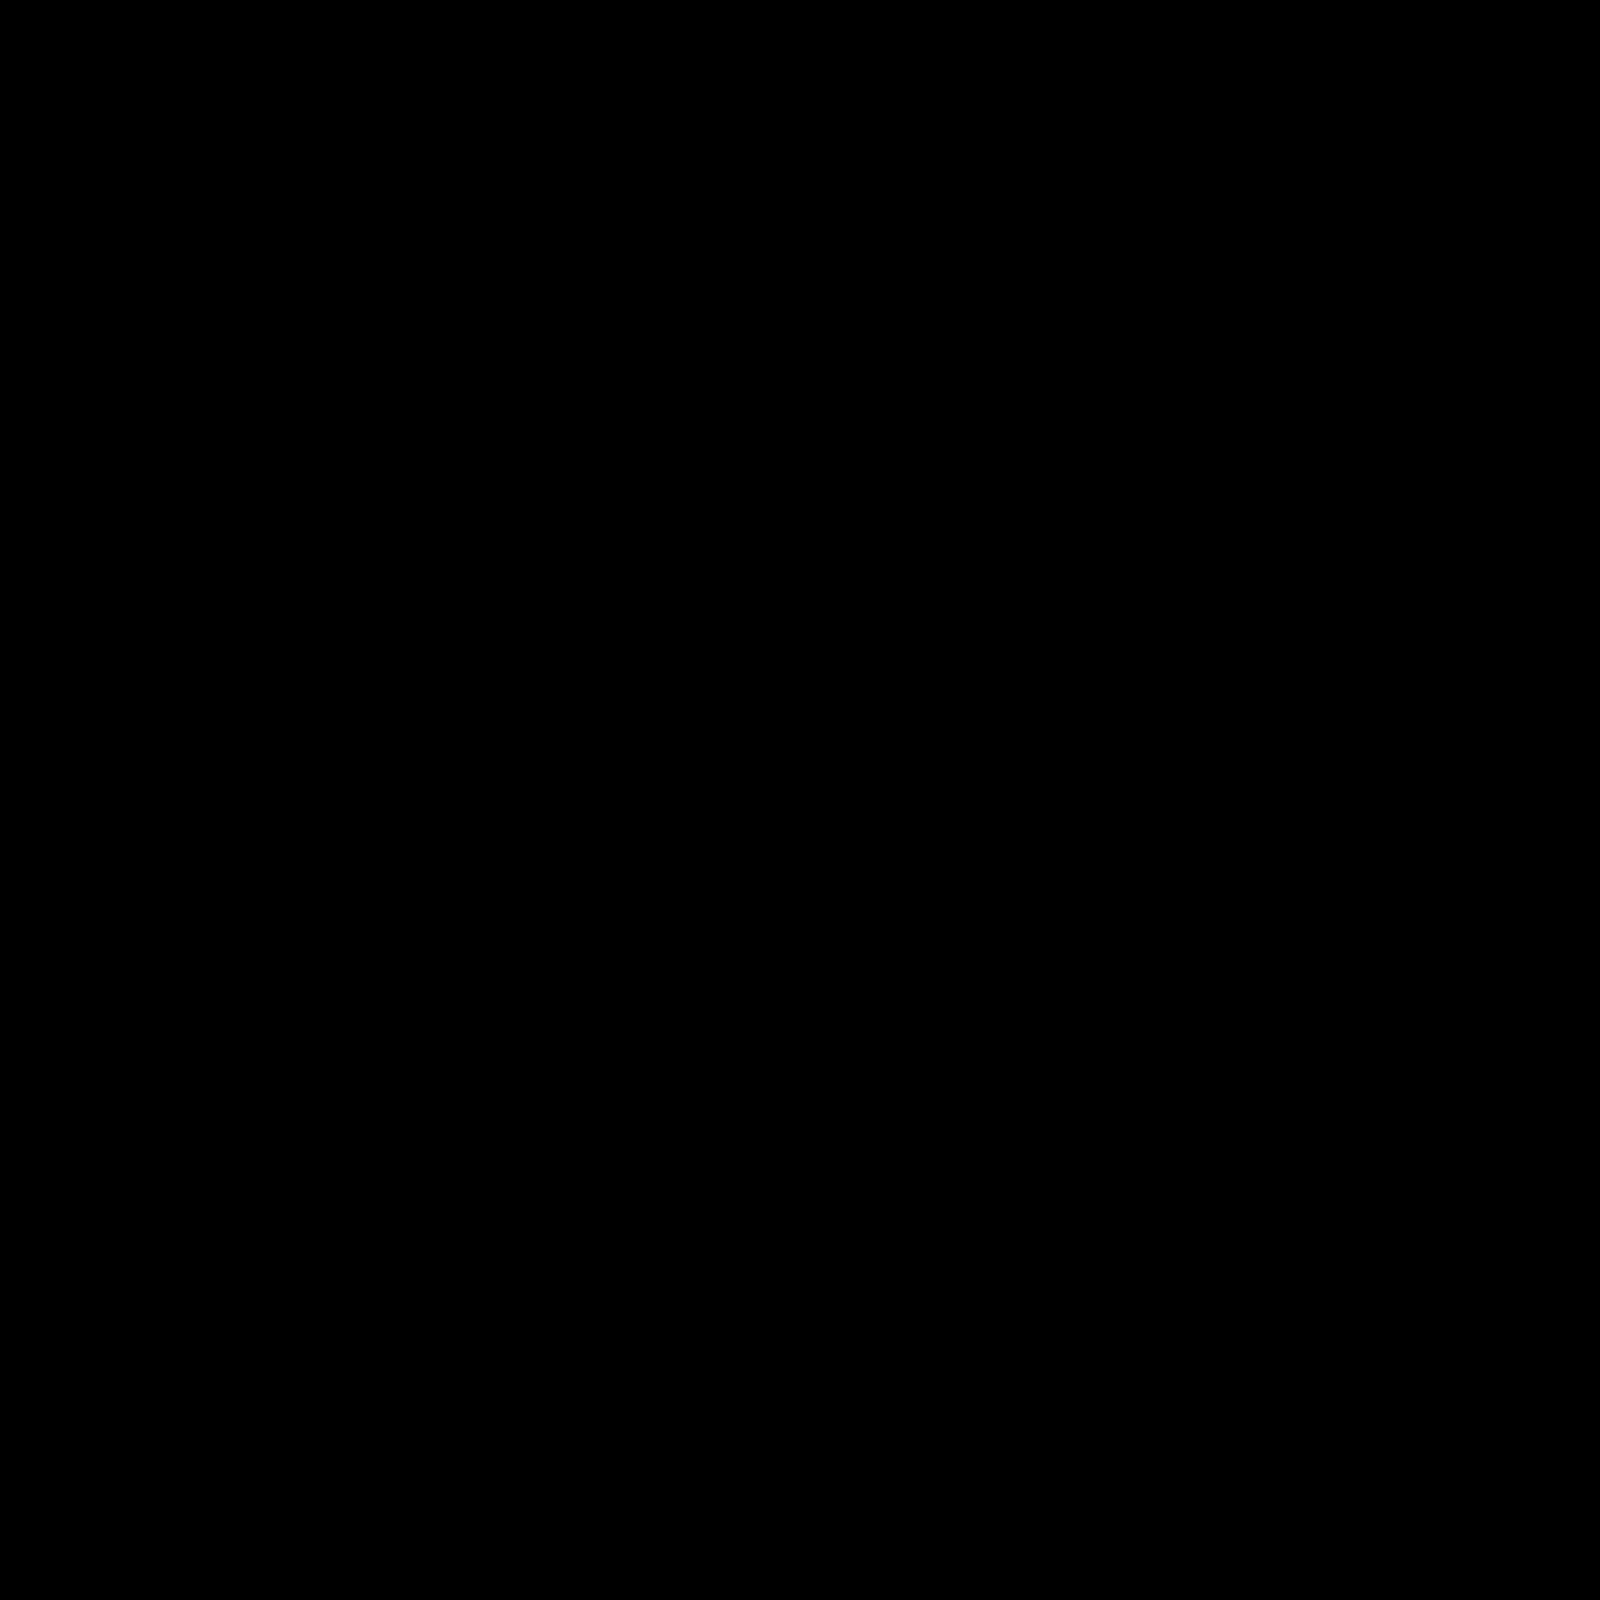 Plik kodu icon